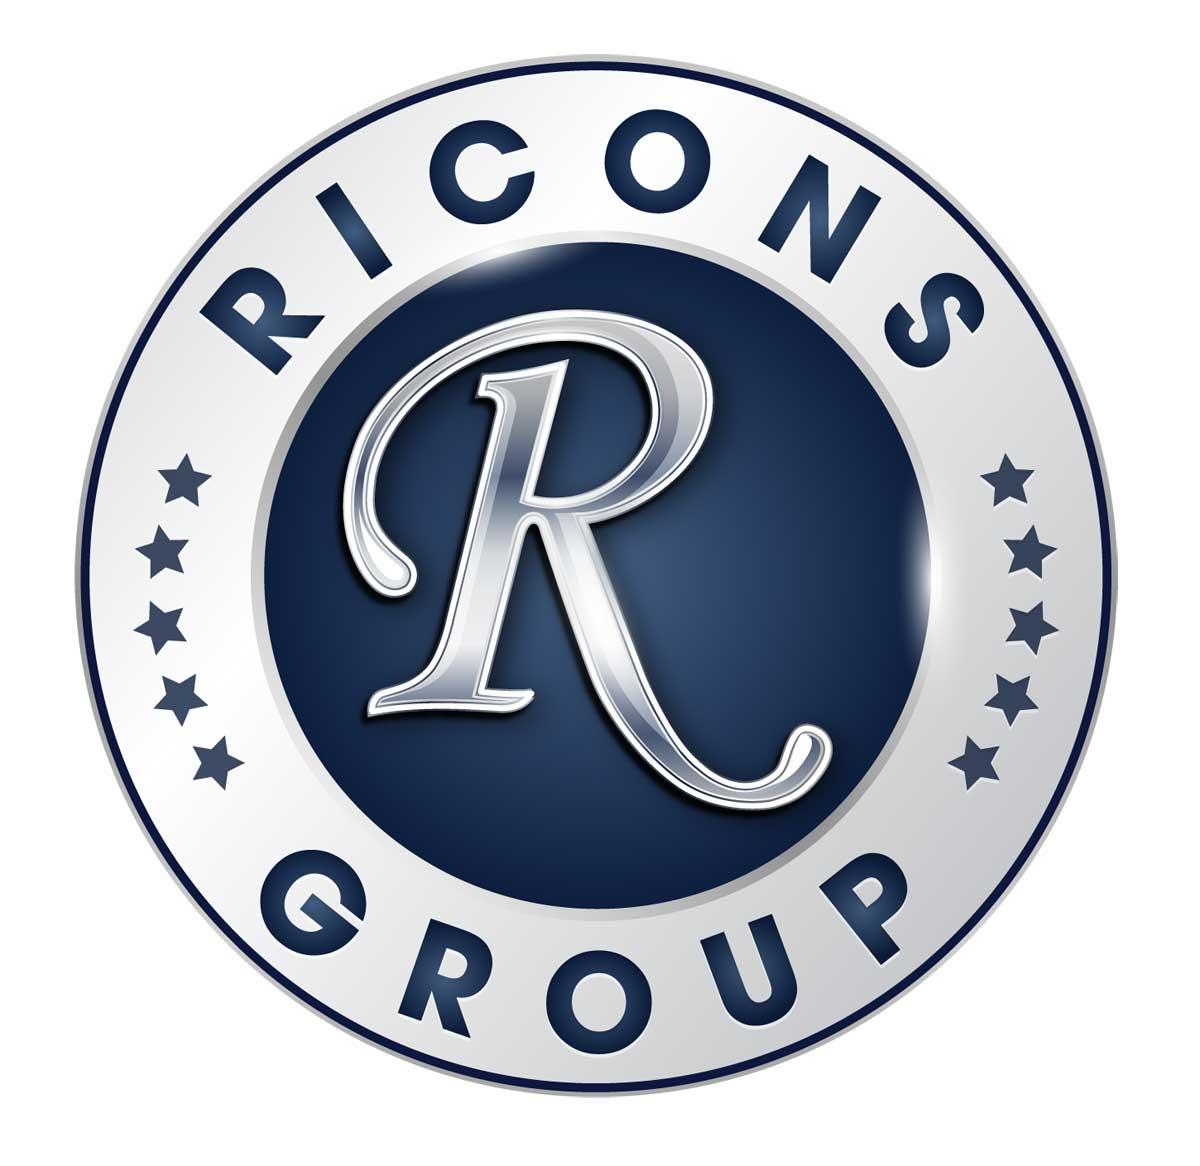 Logo Ricons Group - CÔNG TY CỔ PHẦN ĐẦU TƯ XÂY DỰNG RICONS